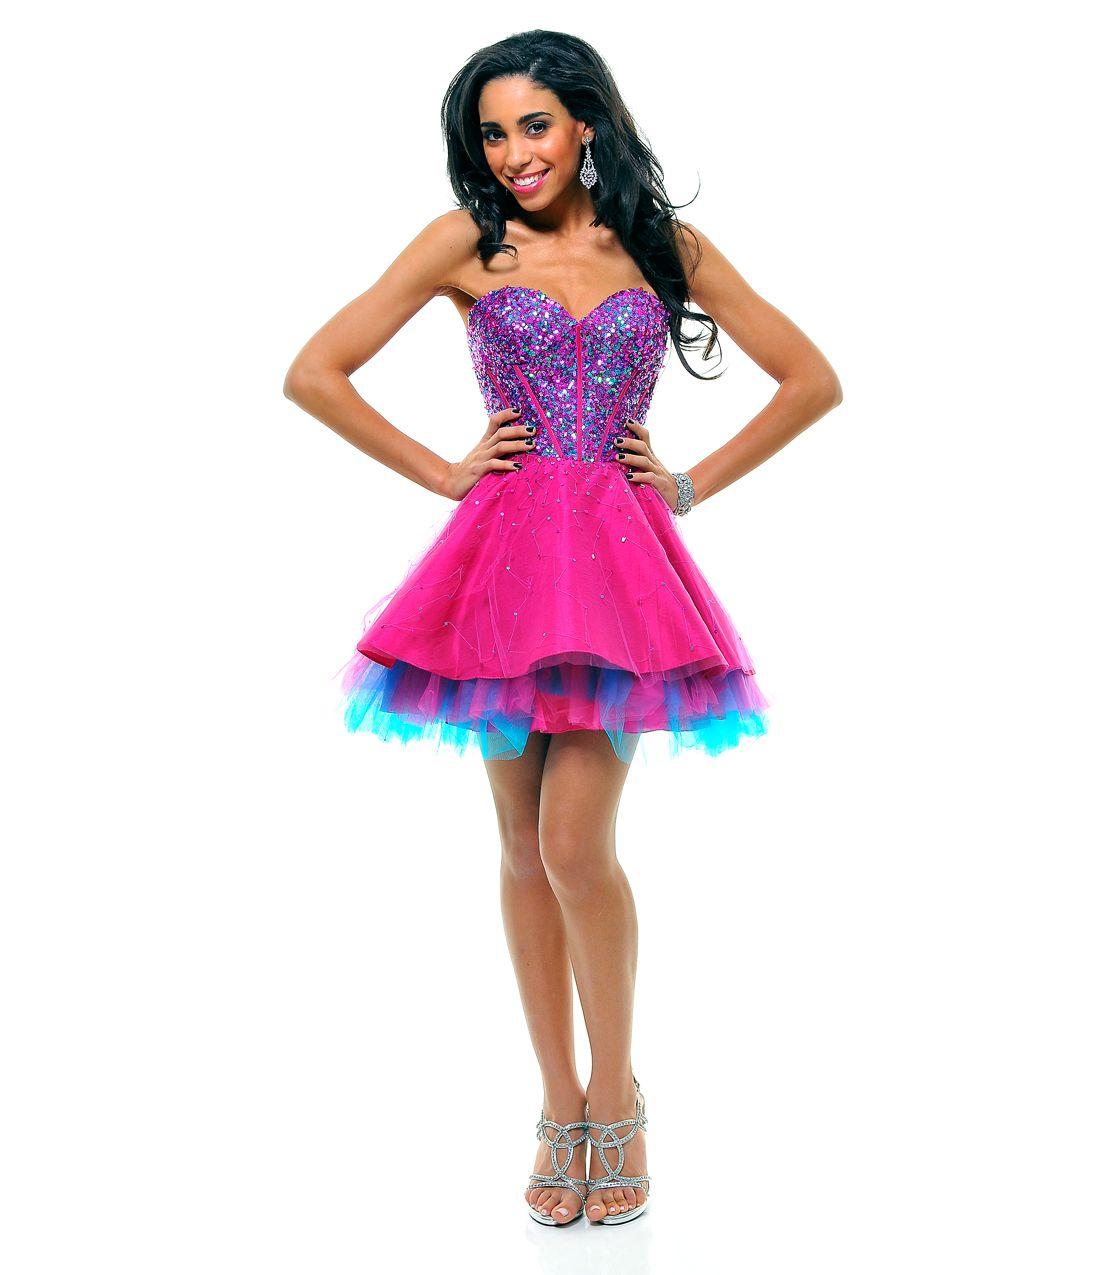 Tutu Dresses For Prom - Ocodea.com